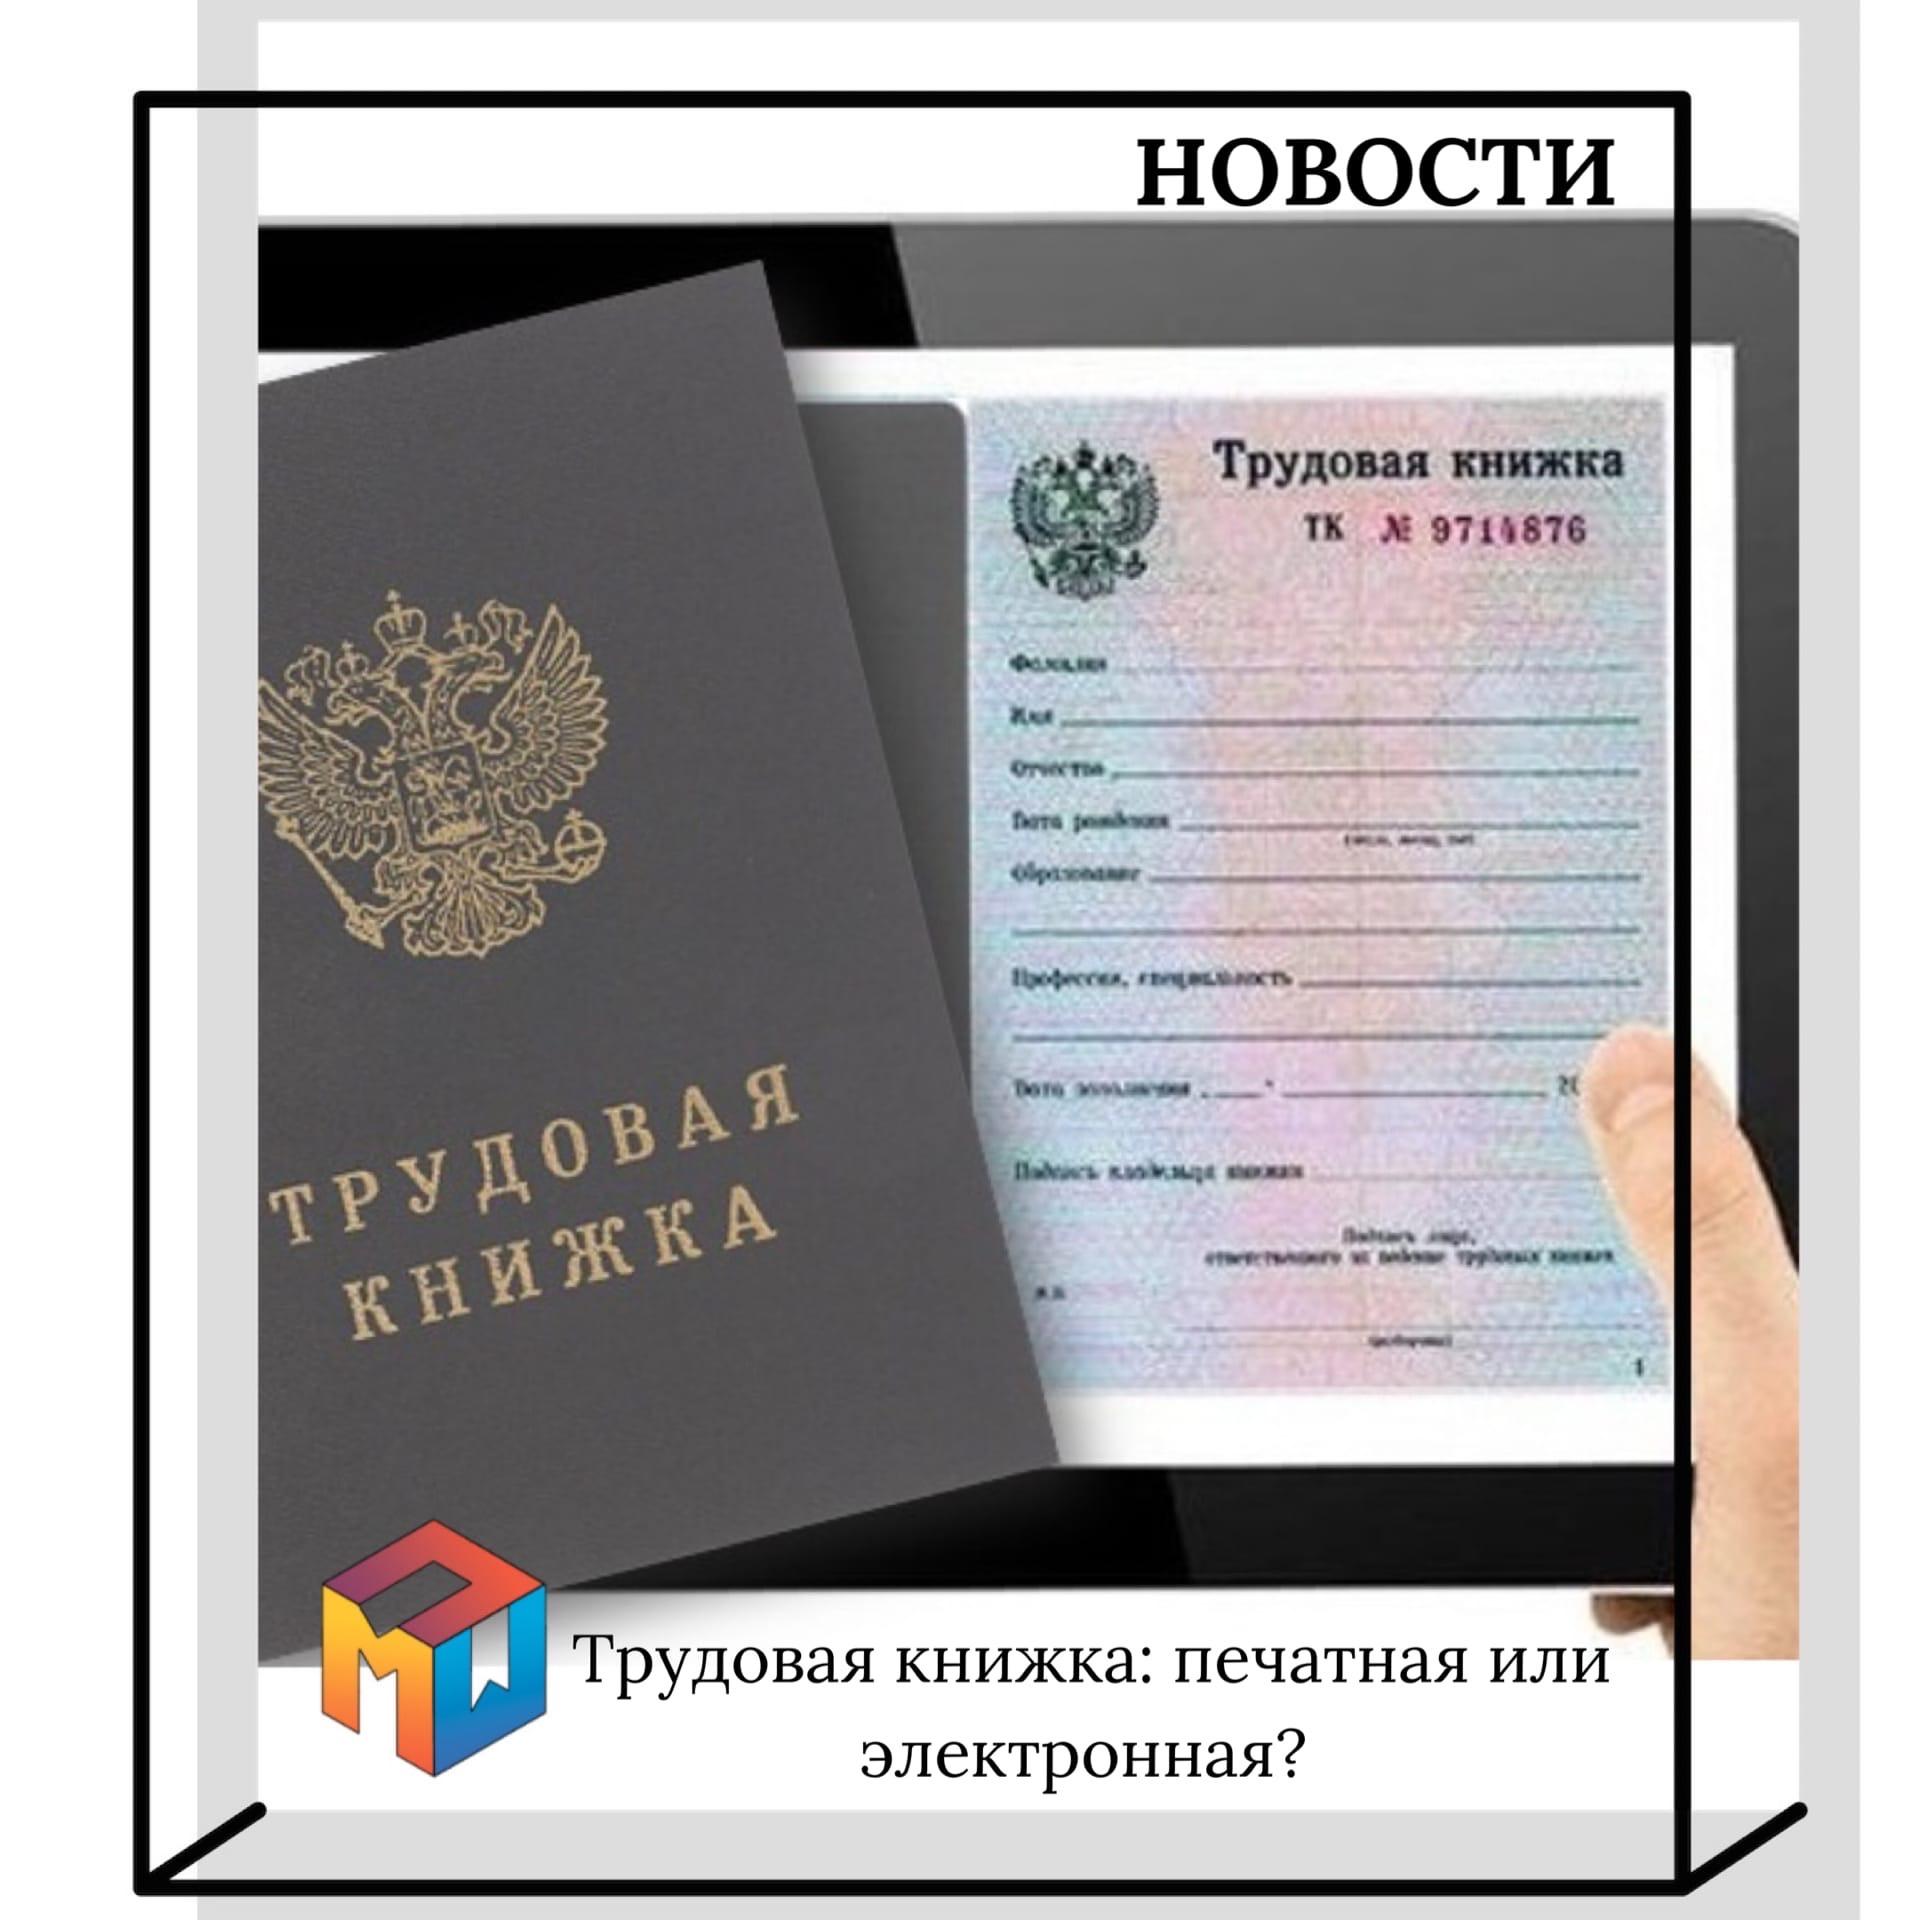 С 1 января в силу вступил закон о введении электронных трудовых книжек в РФ.⠀